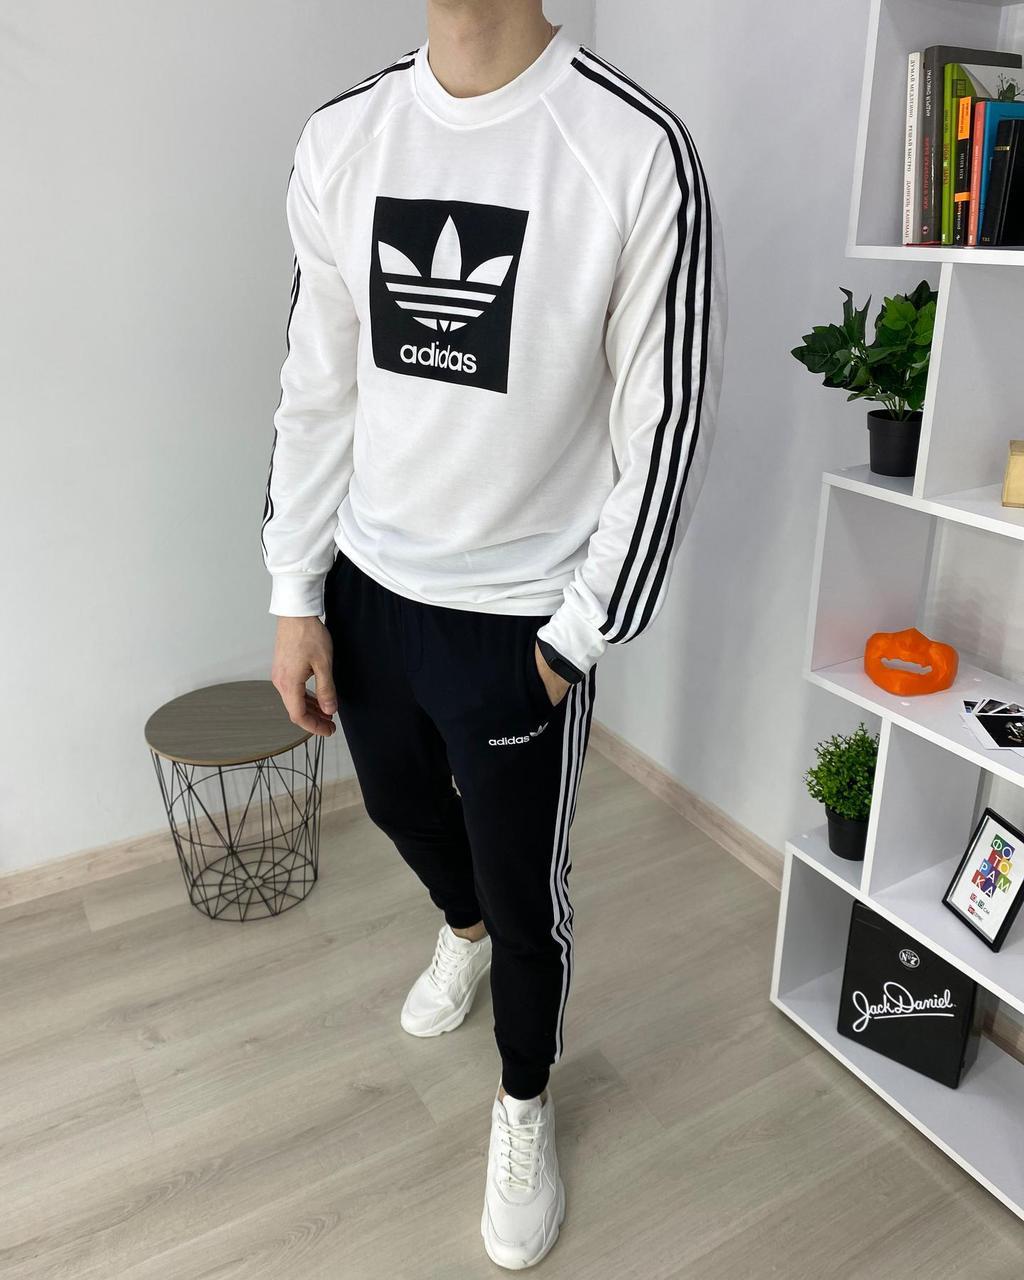 Чоловічий спортивний костюм Adidas, світшот - штани весна/осінь/літо в стилі Адідас